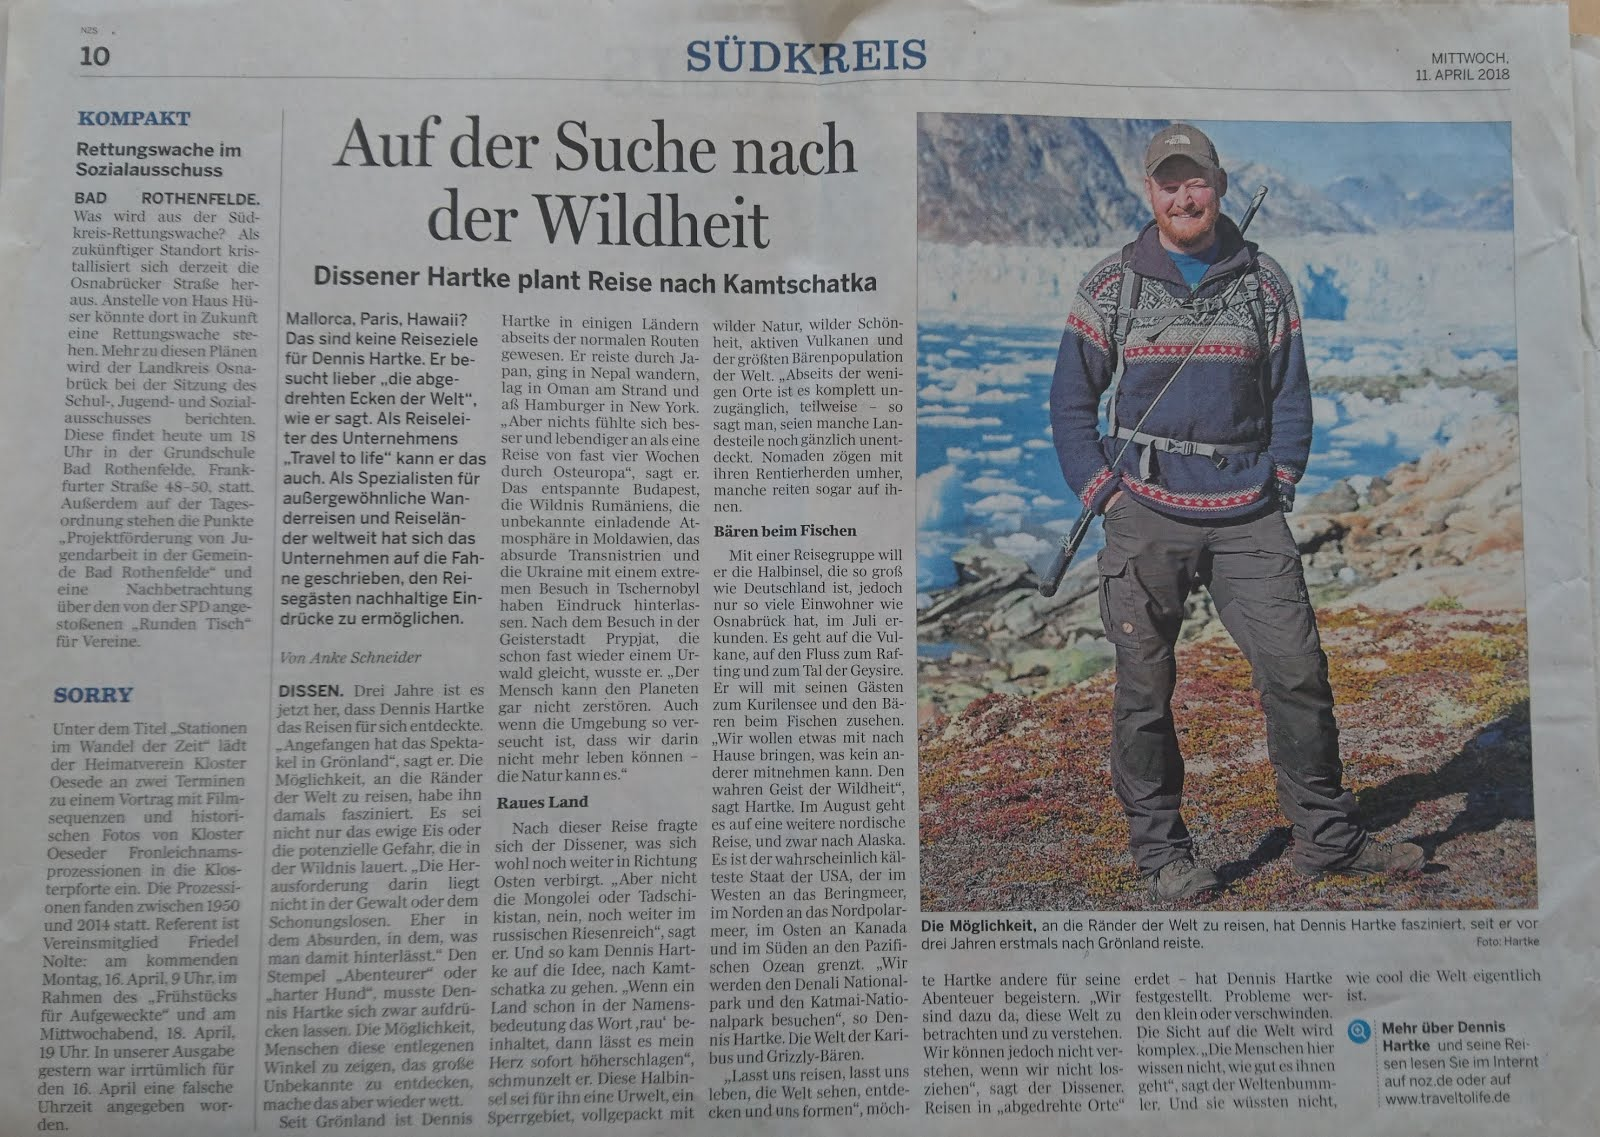 Auf der Suche nach der Wildheit